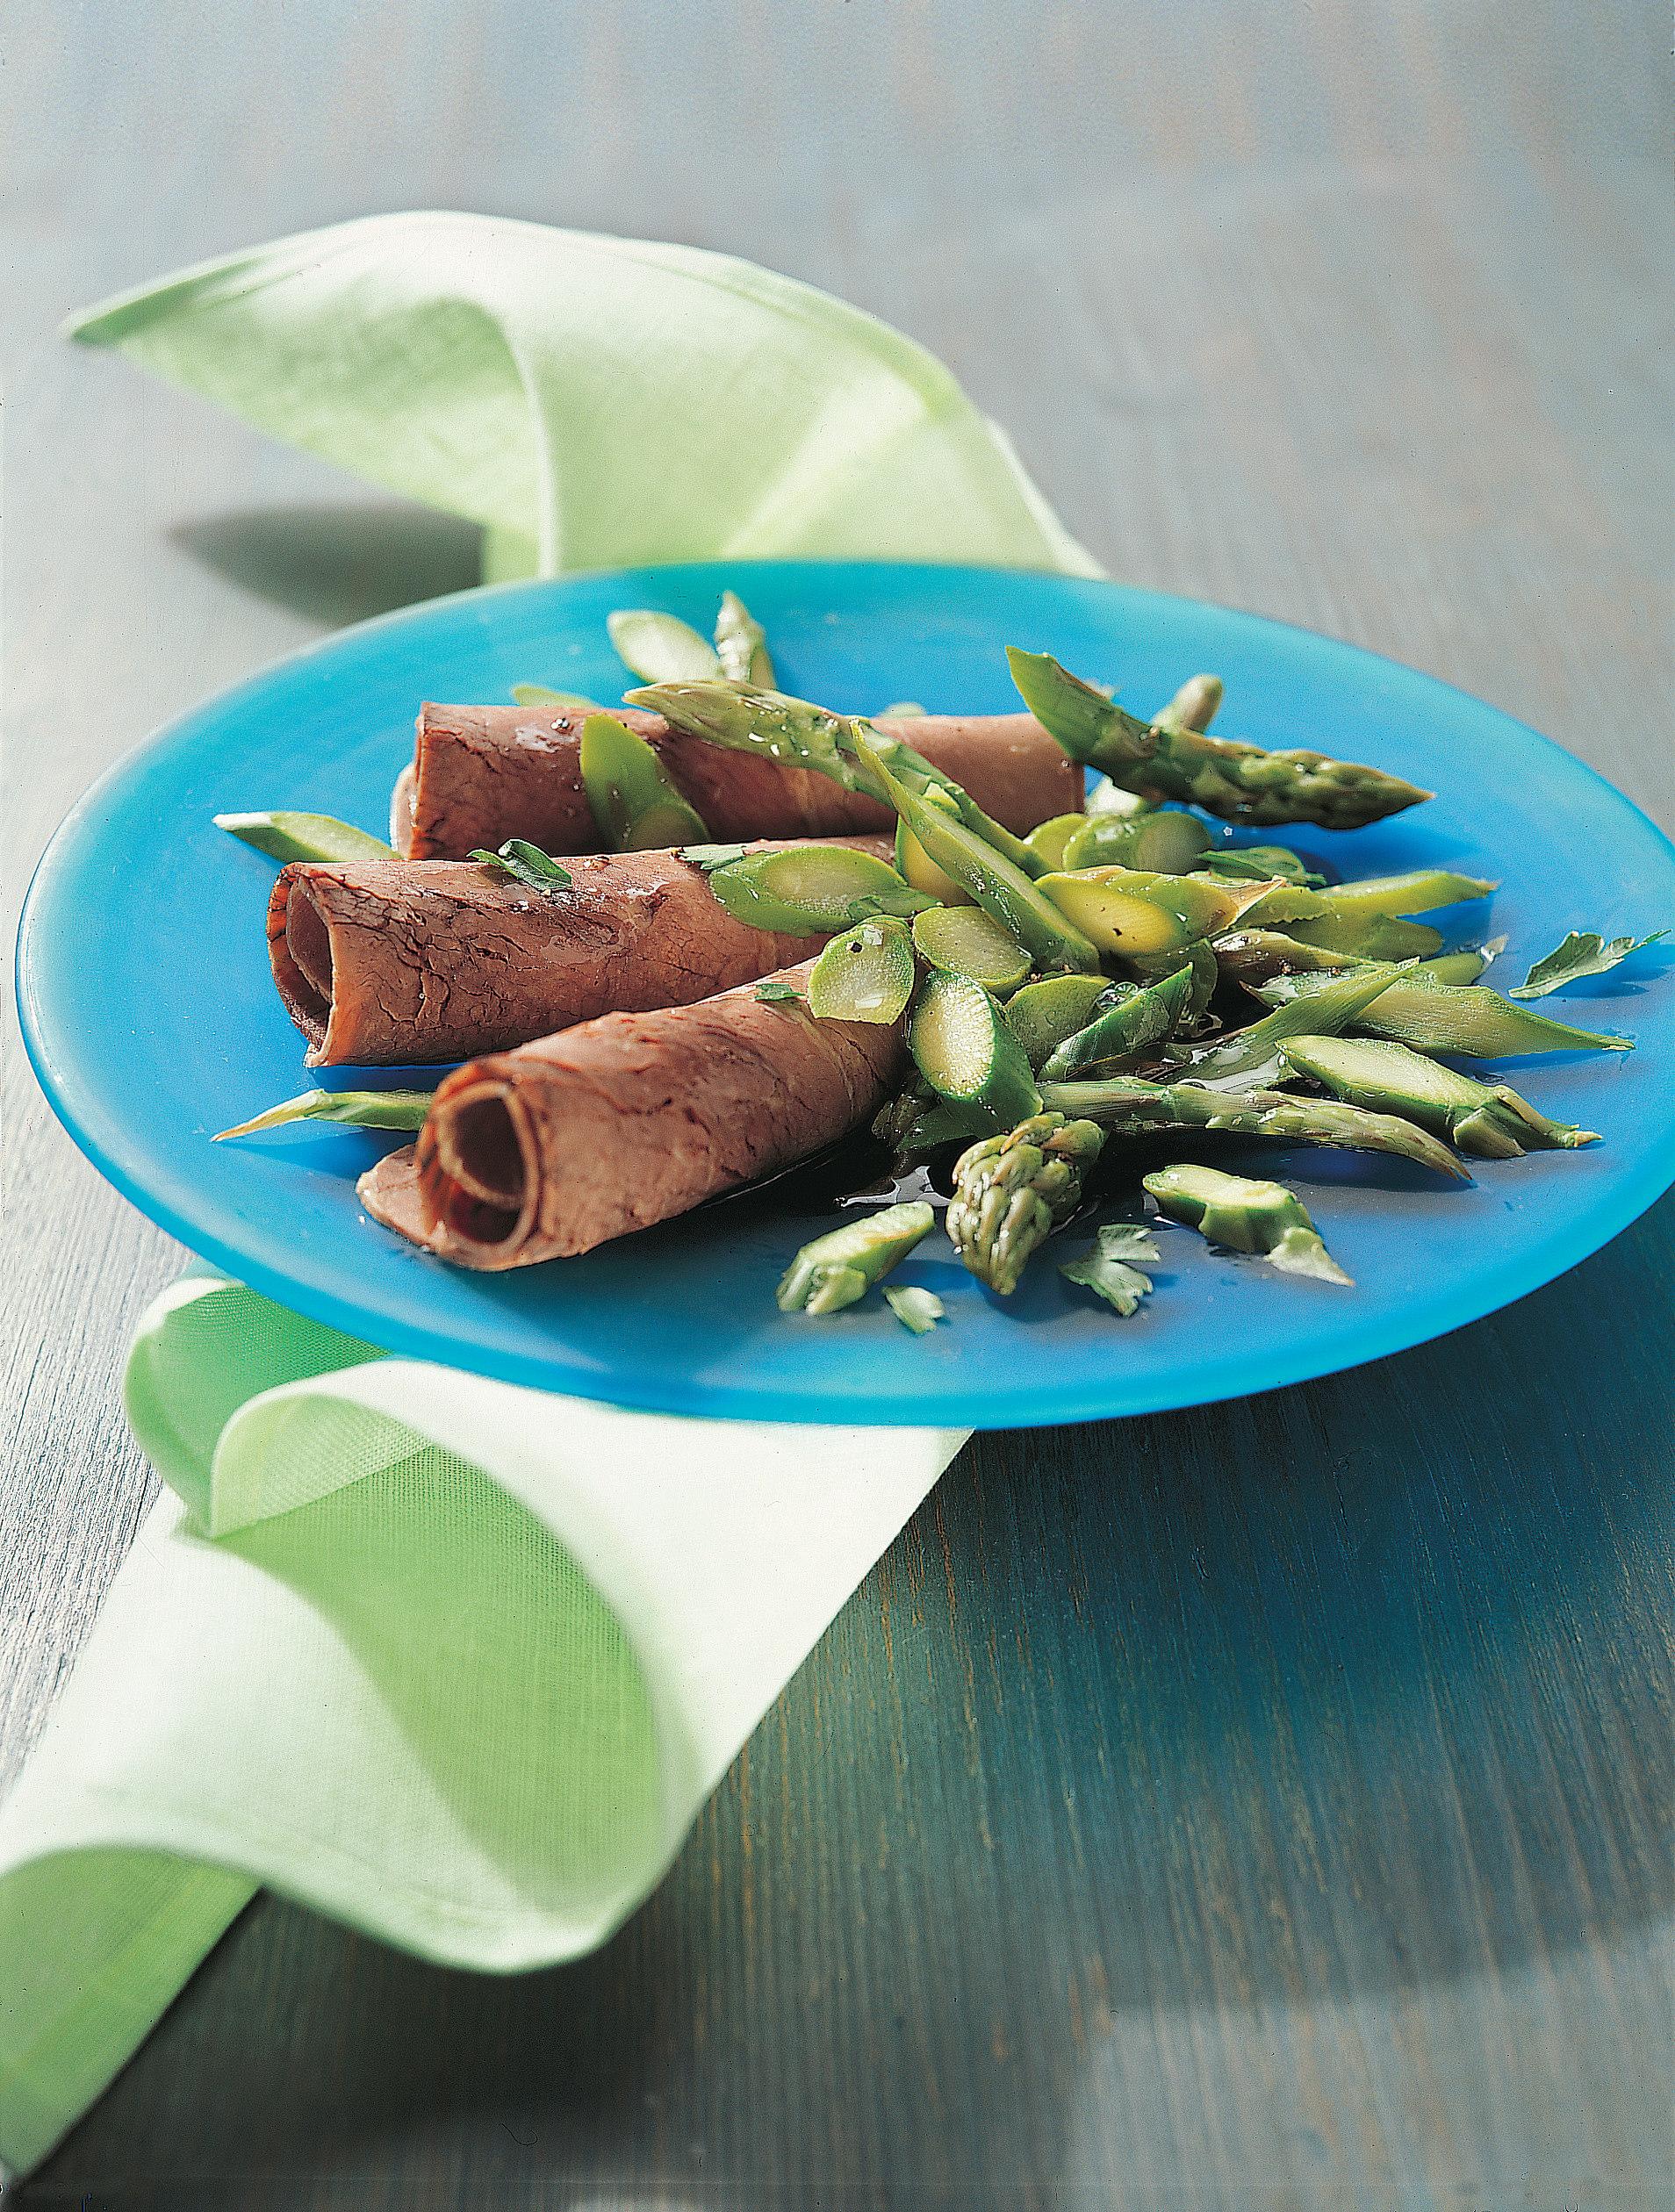 Salade d'asperges et bouilli roulé